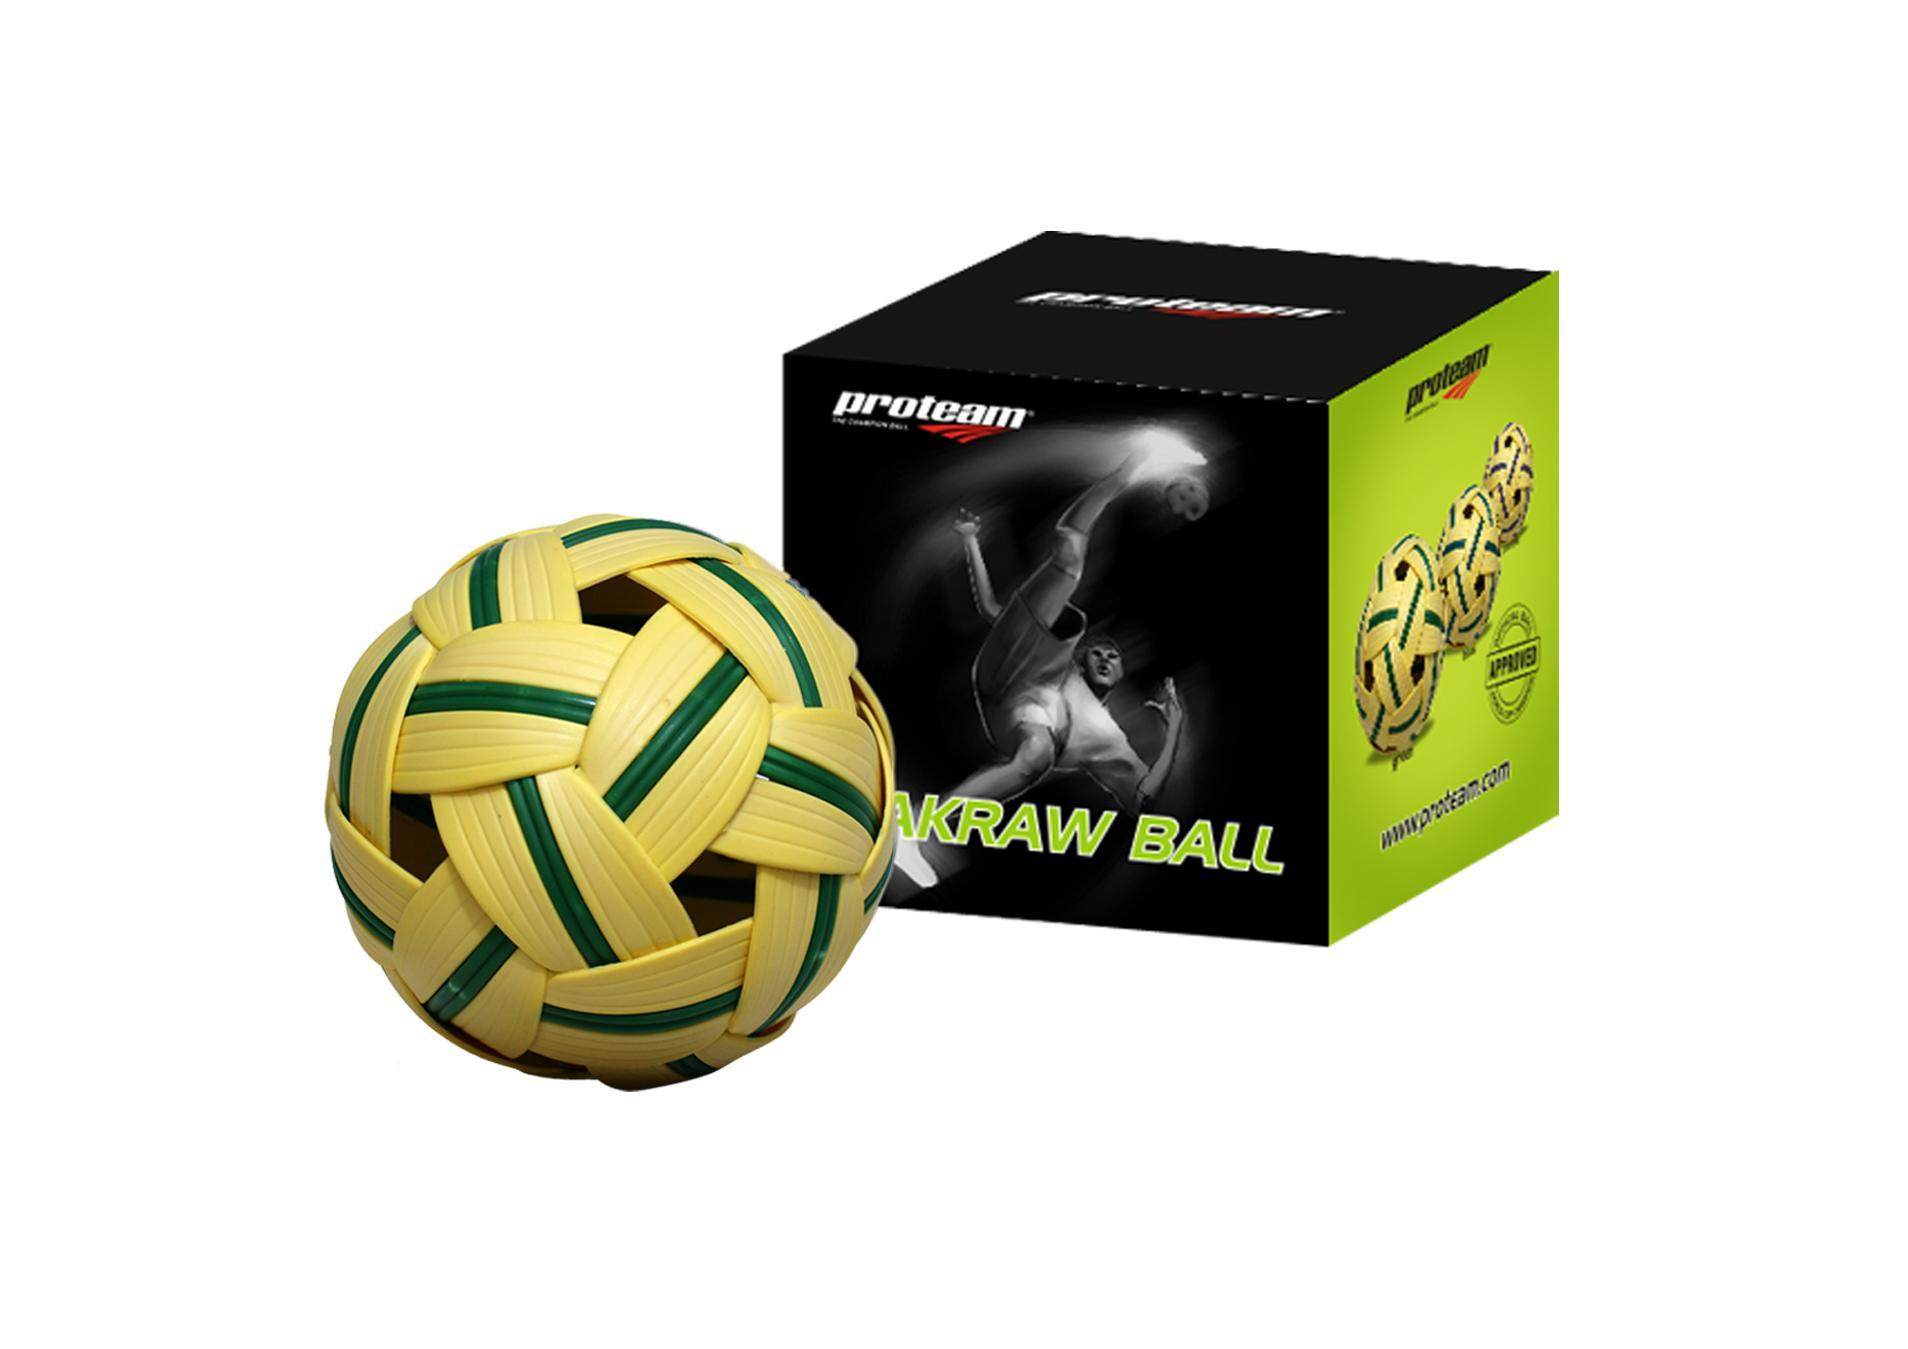 Jual Bola Olahraga Sepak Takraw  8c7b6bf7f5